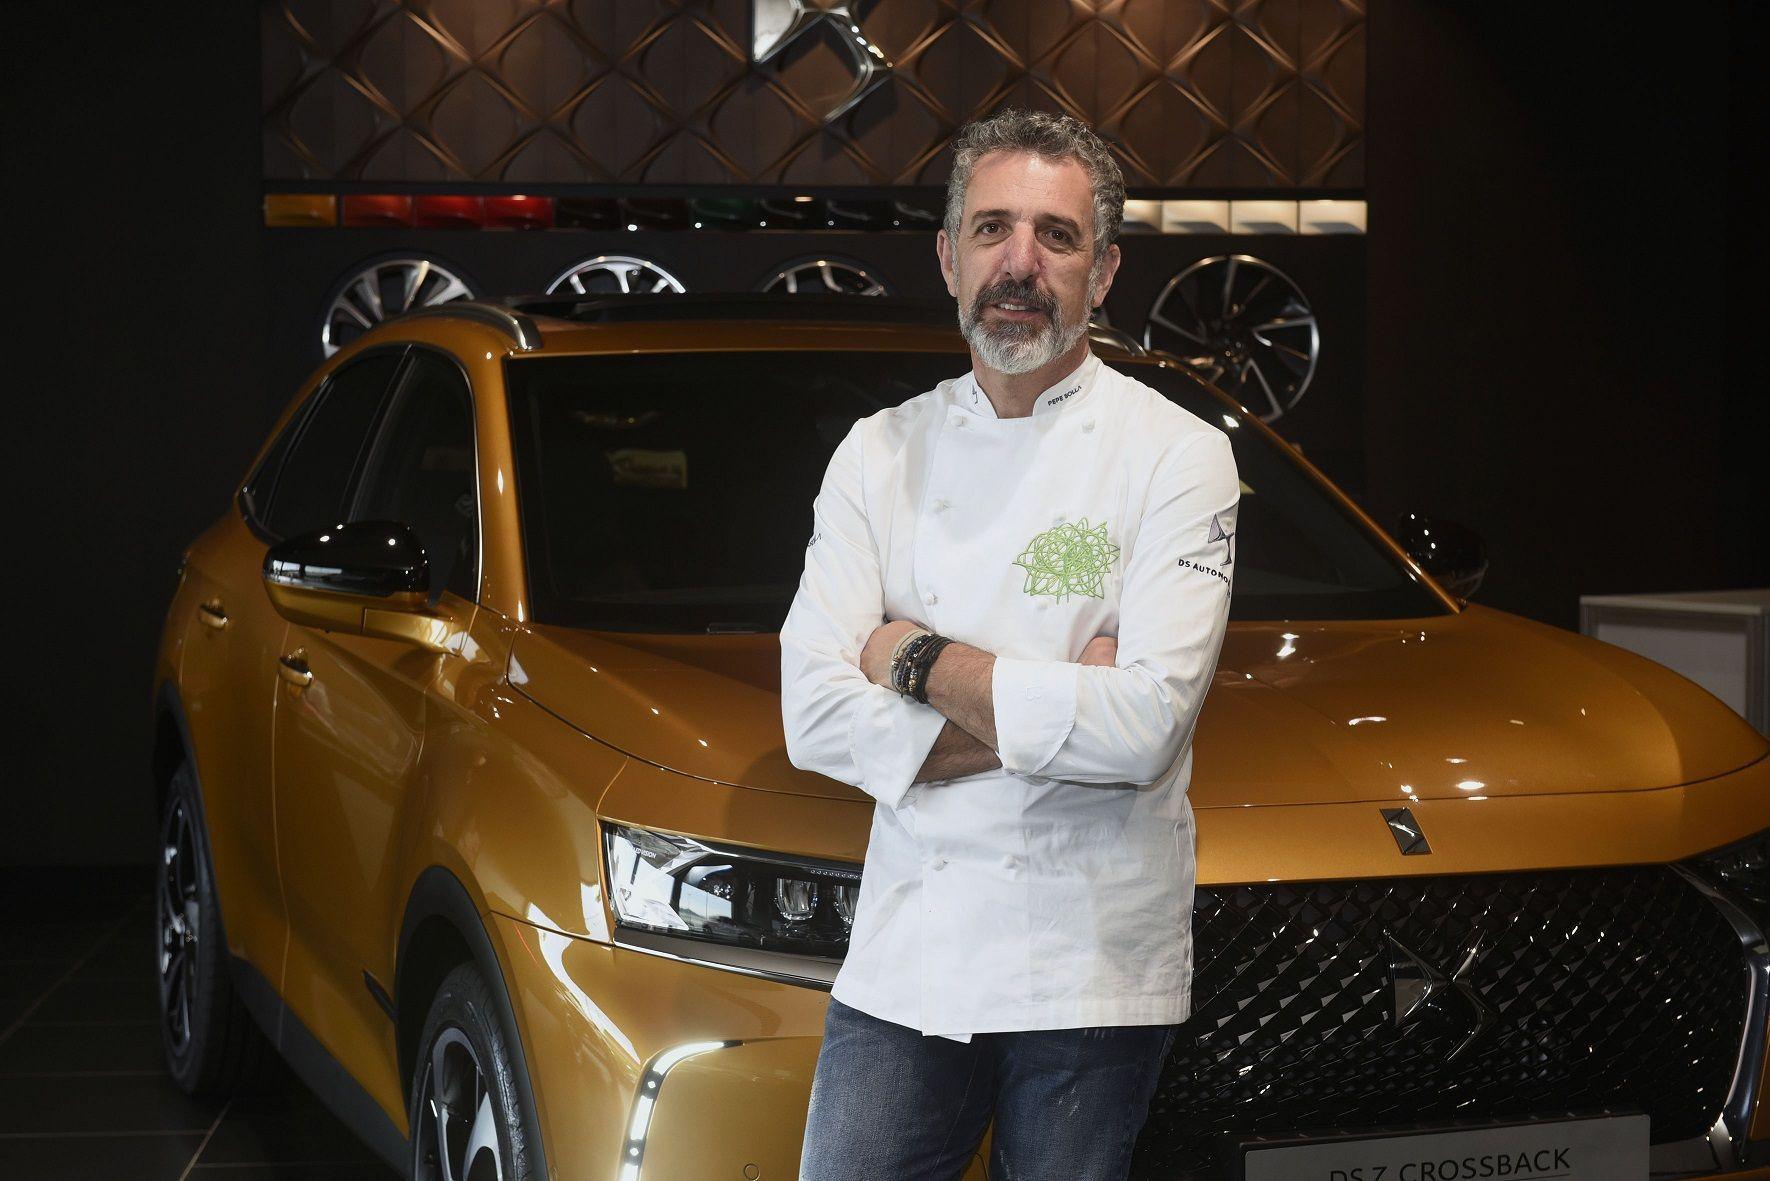 DS AUTOMOBILES CON PEPE SOLLA, CHEF ESTRELLA MICHELÍN